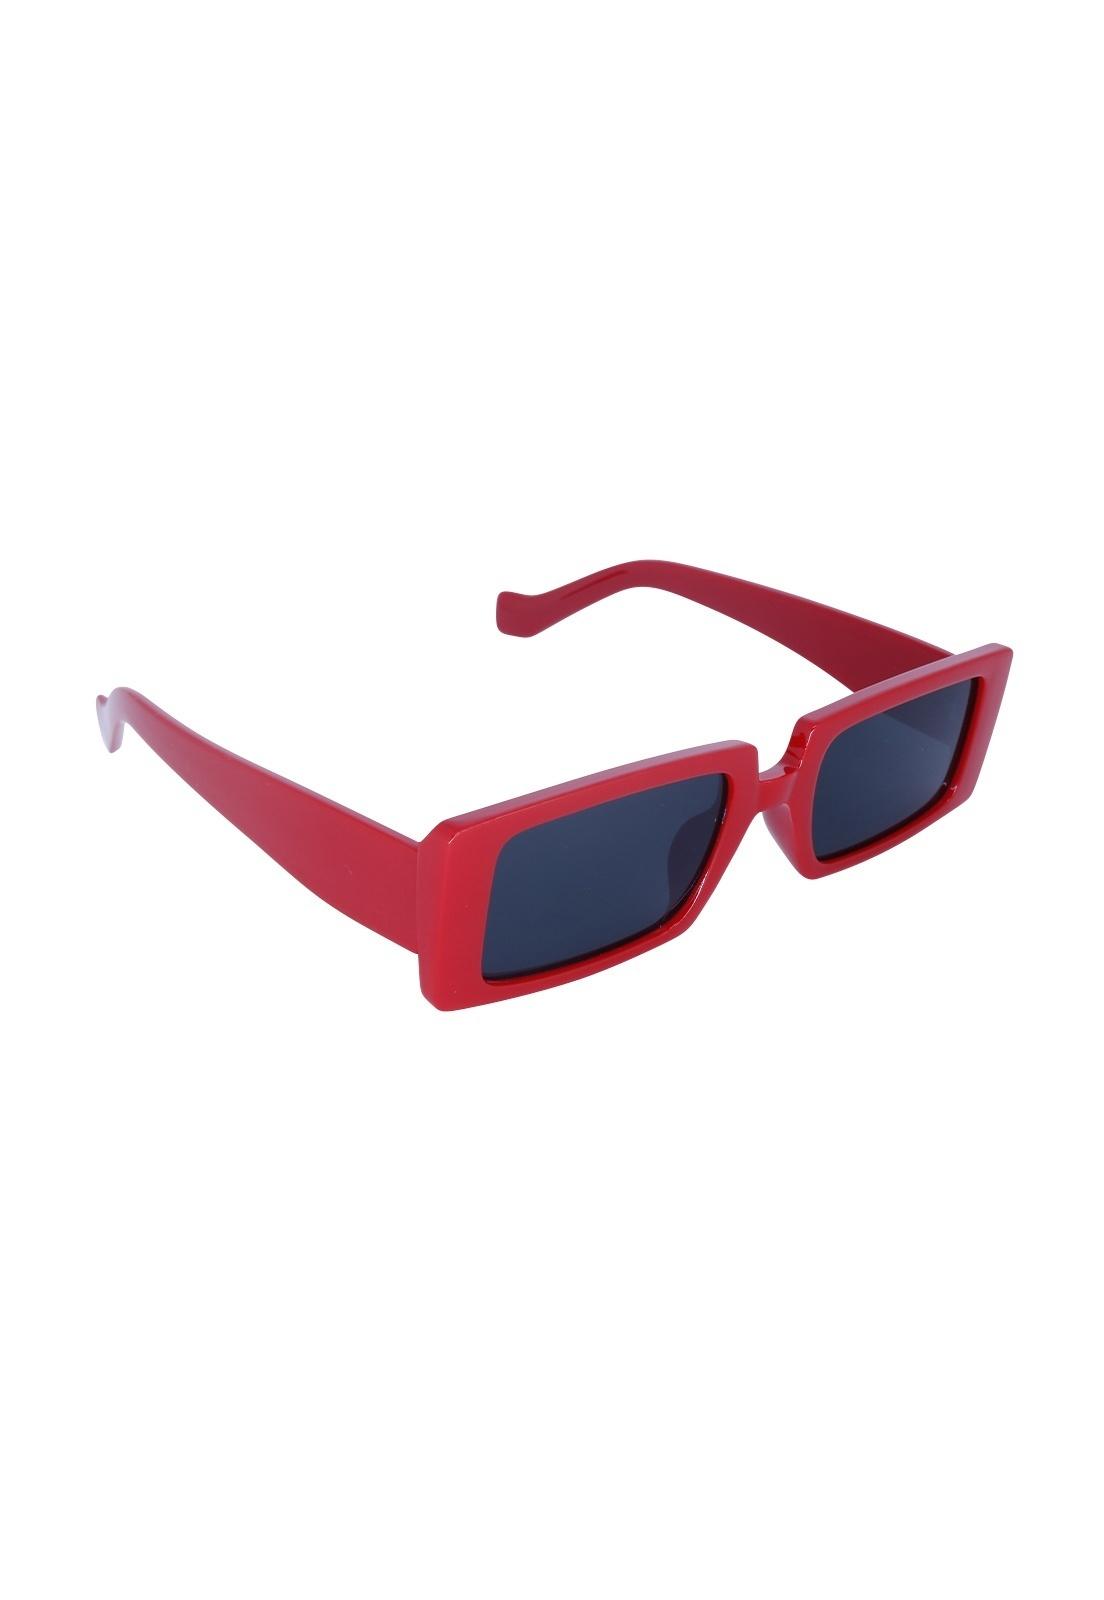 Óculos de Sol Grungetteria Grinch Noel